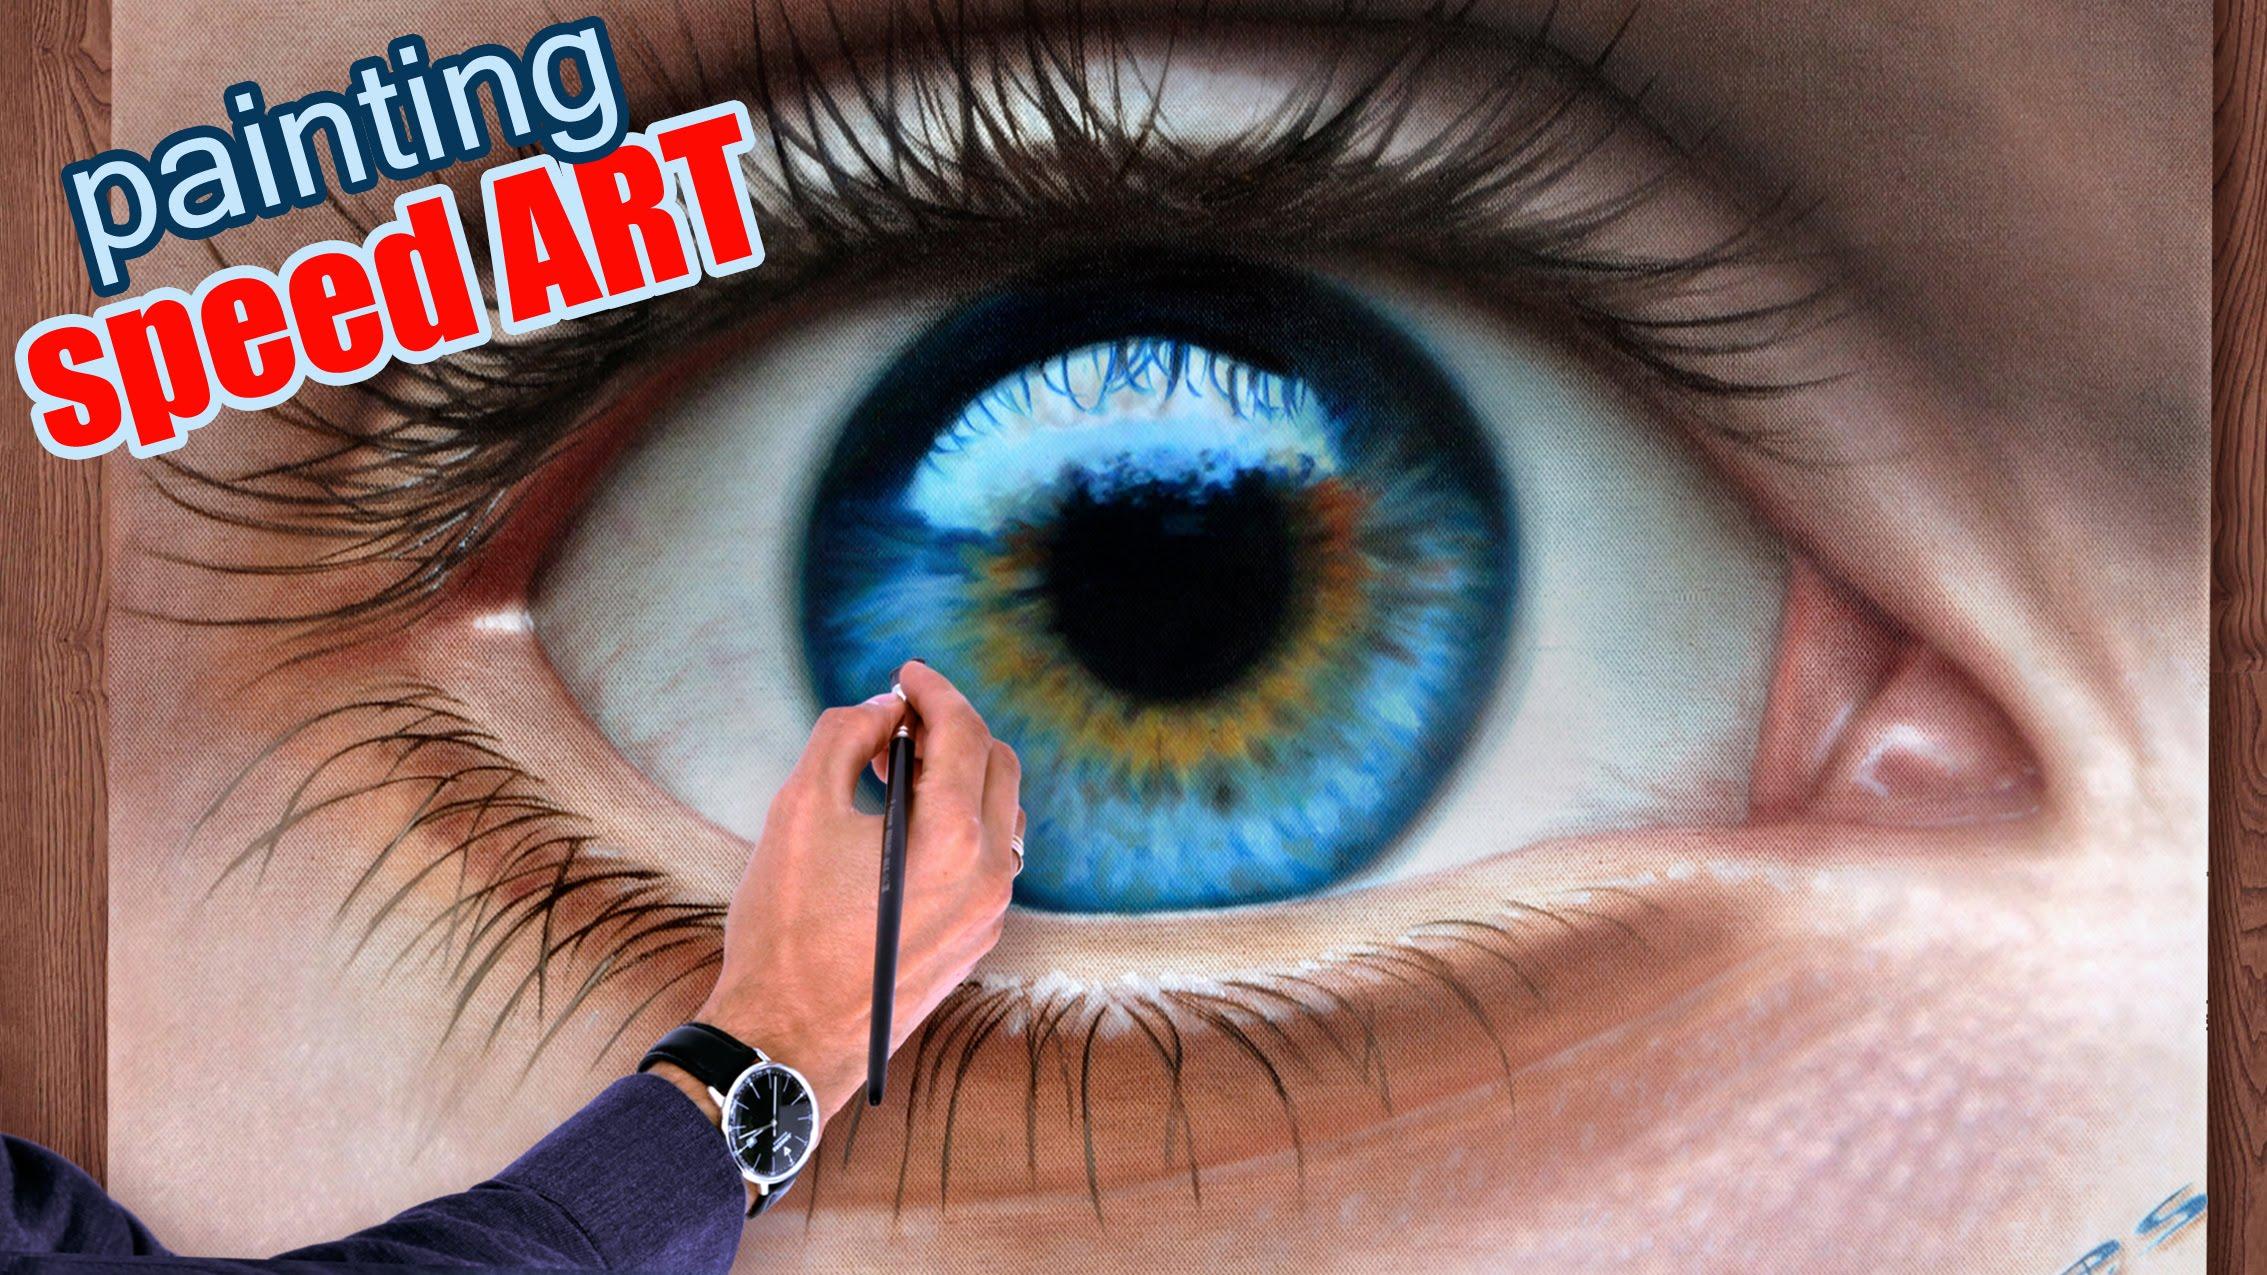 Drawn eyeball most realistic eye Drawing) dry Eye realistic malen